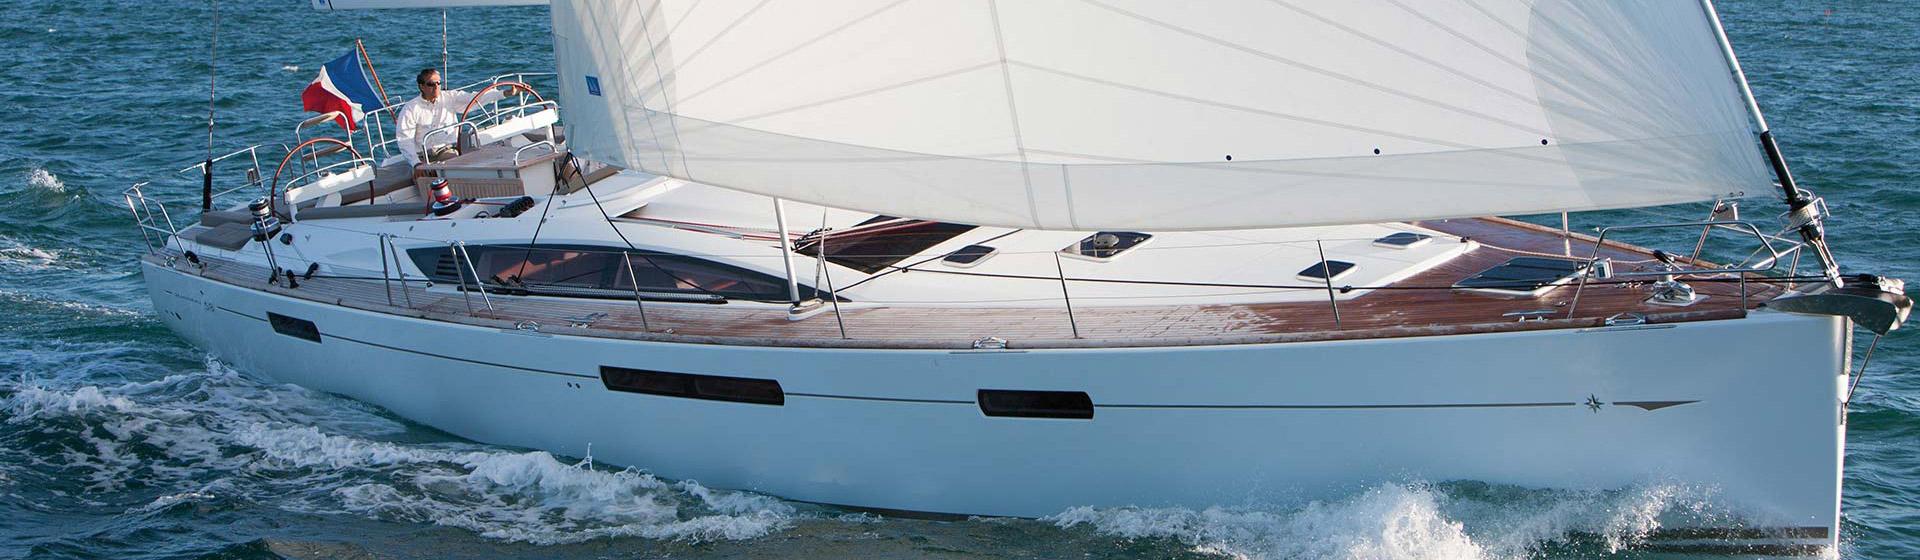 Voilier Jeanneau Yachts 58, voilier de croisière Marseille